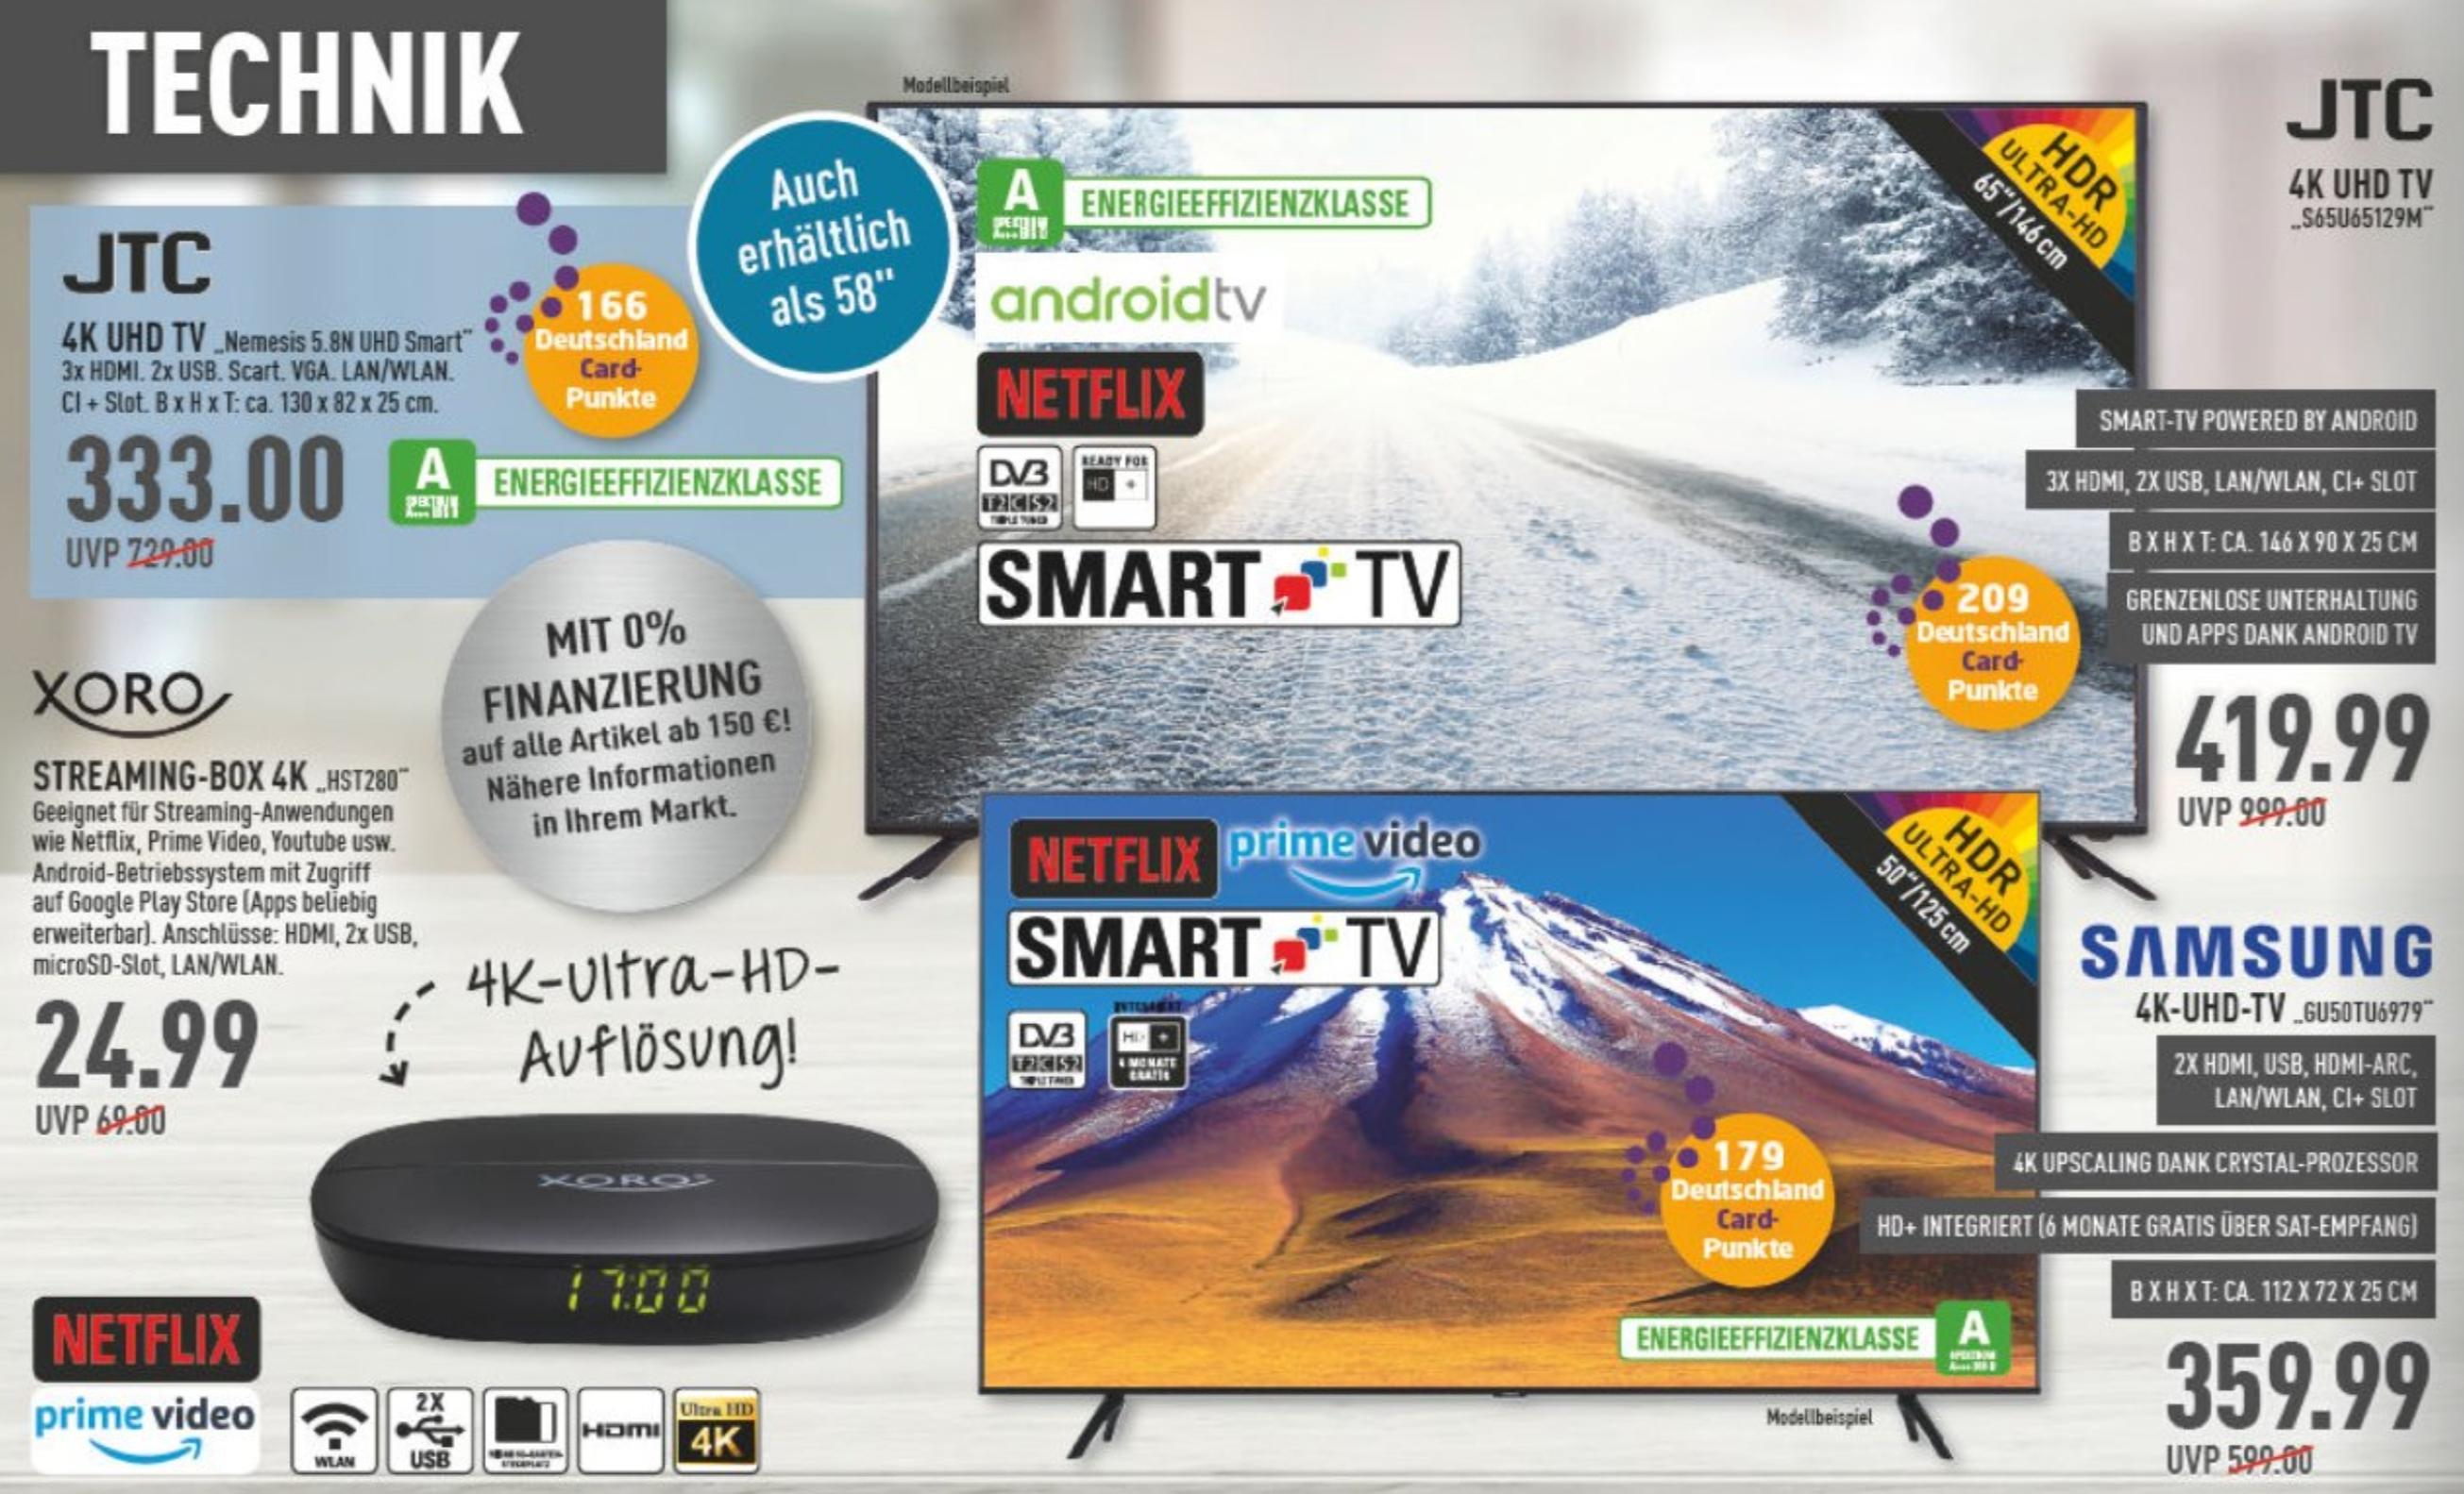 (Marktkauf Lokal z.B. Voerde und. andere ) JTC UHD Smart-TV 65 Zoll S65U65129M mit Android Betriebssystem